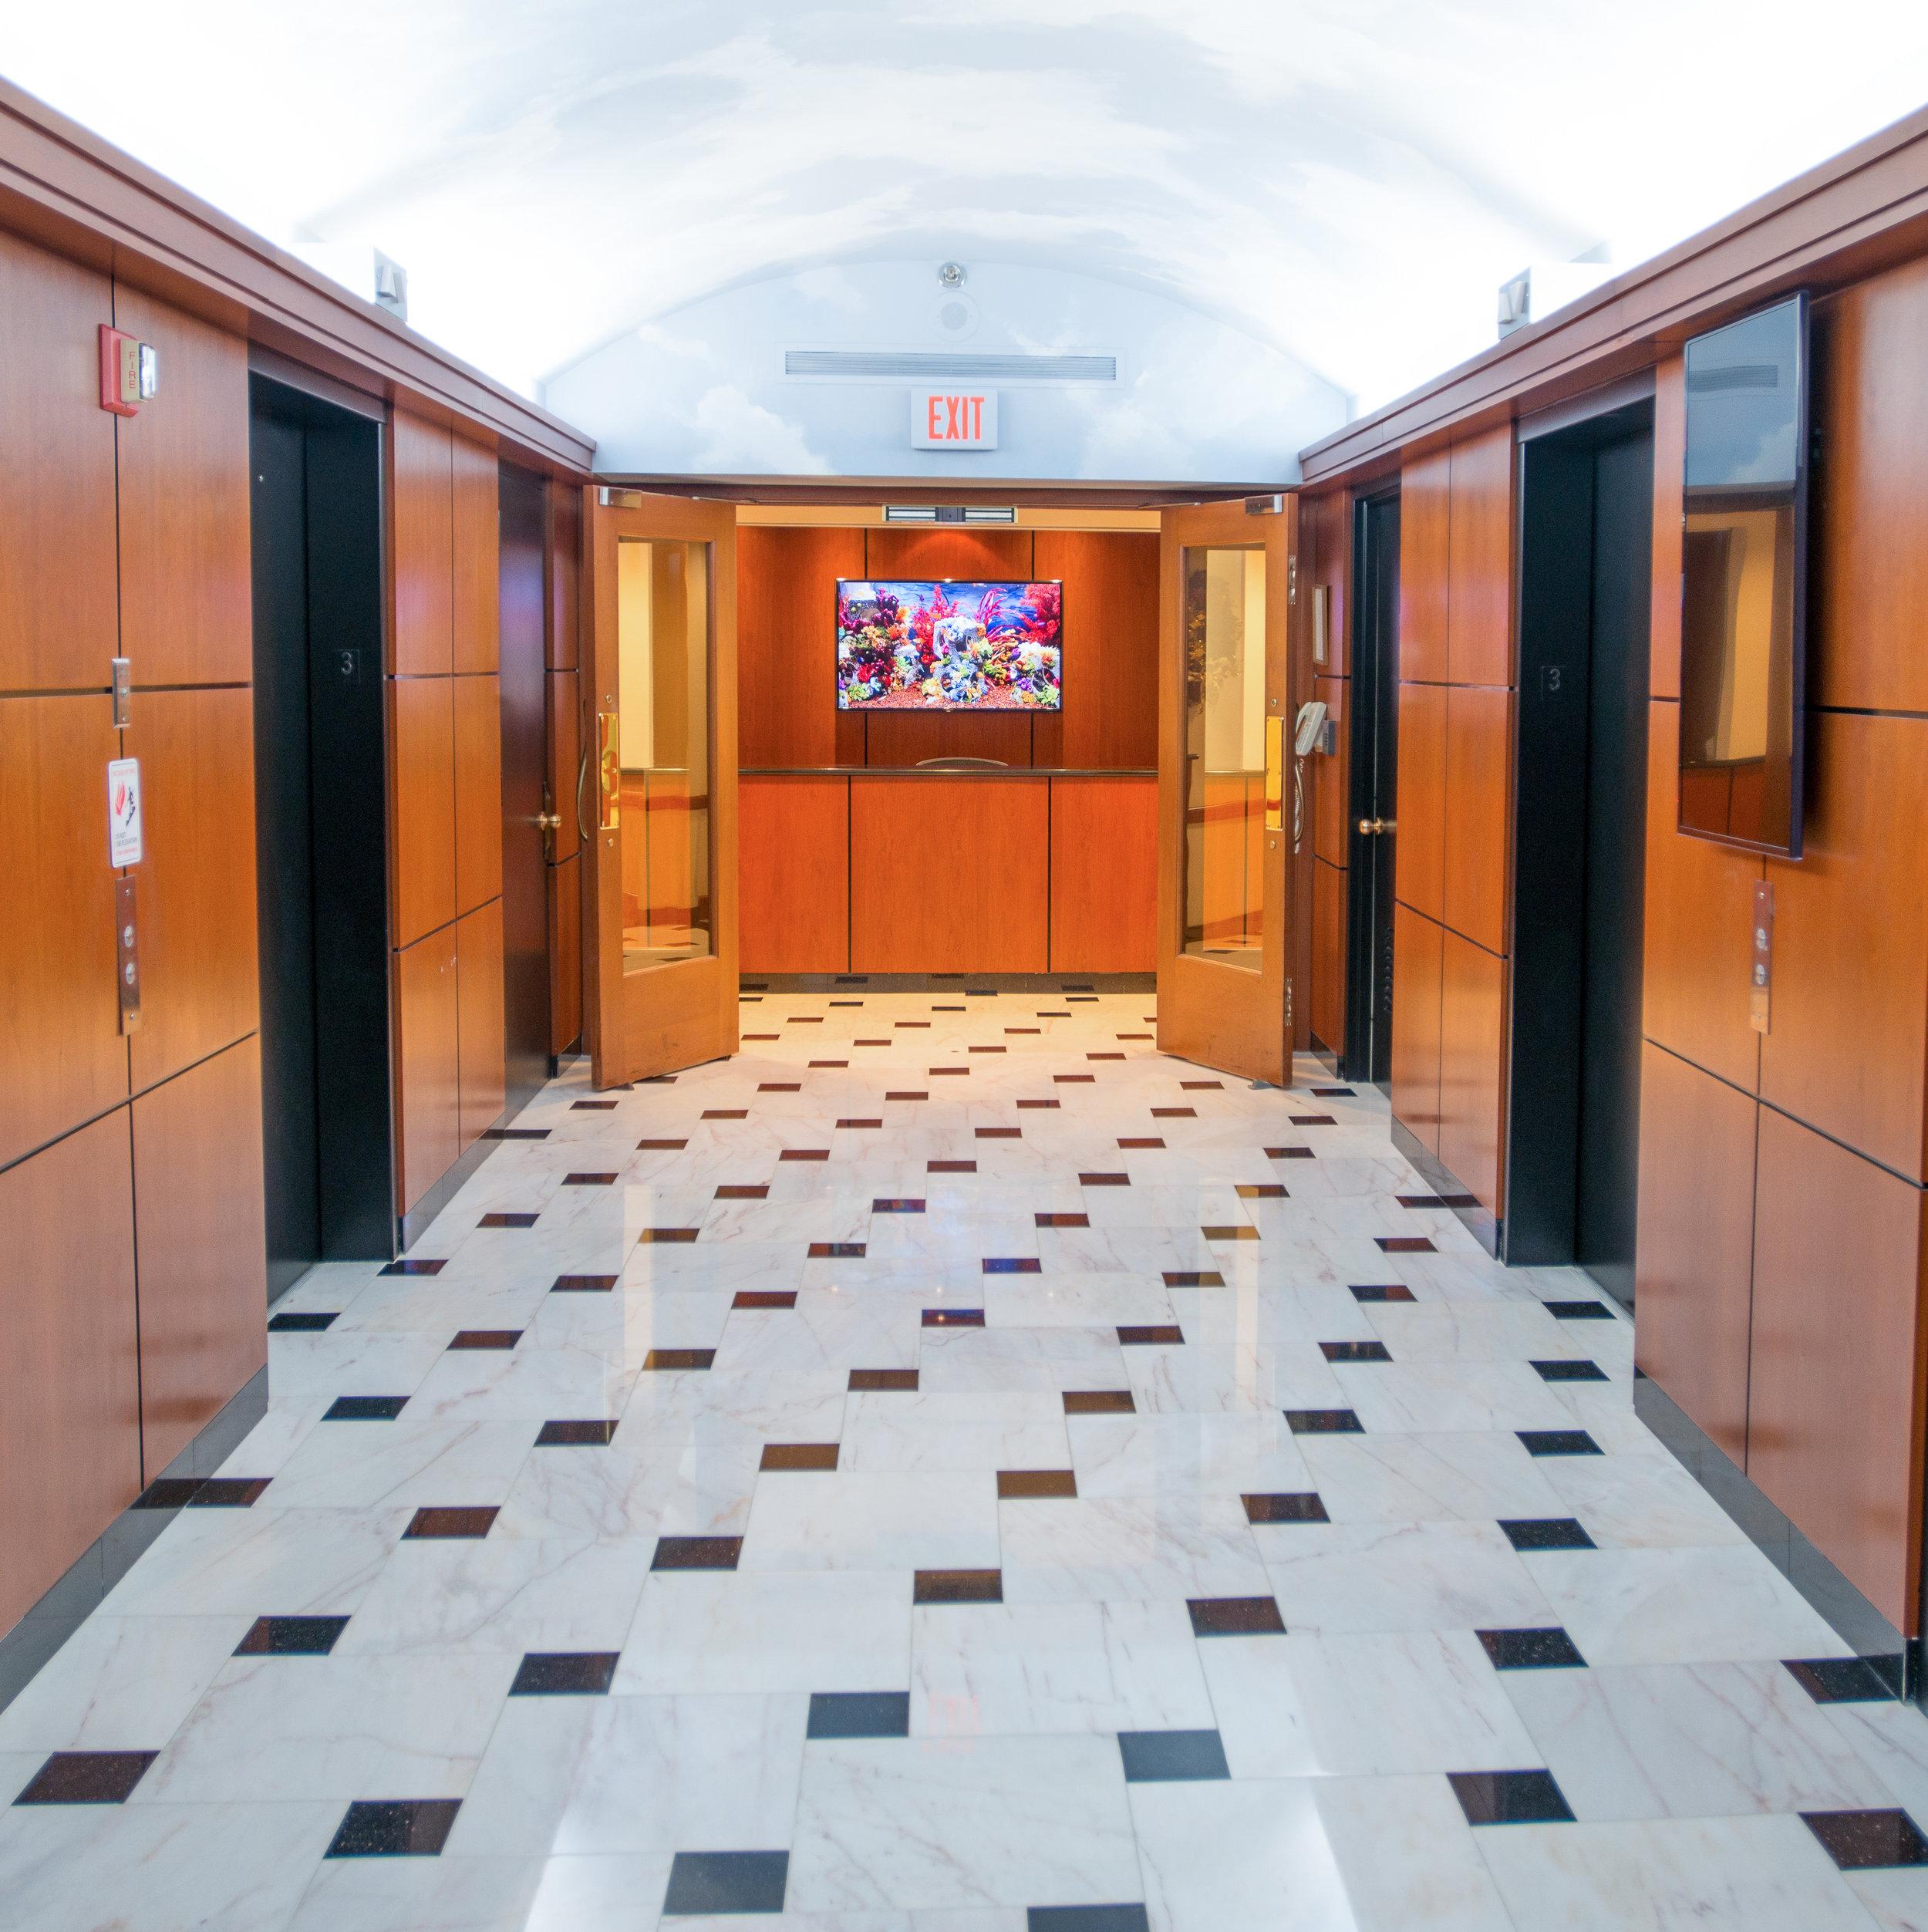 MO 3rd Floor Entrance 1x1-1224.jpg